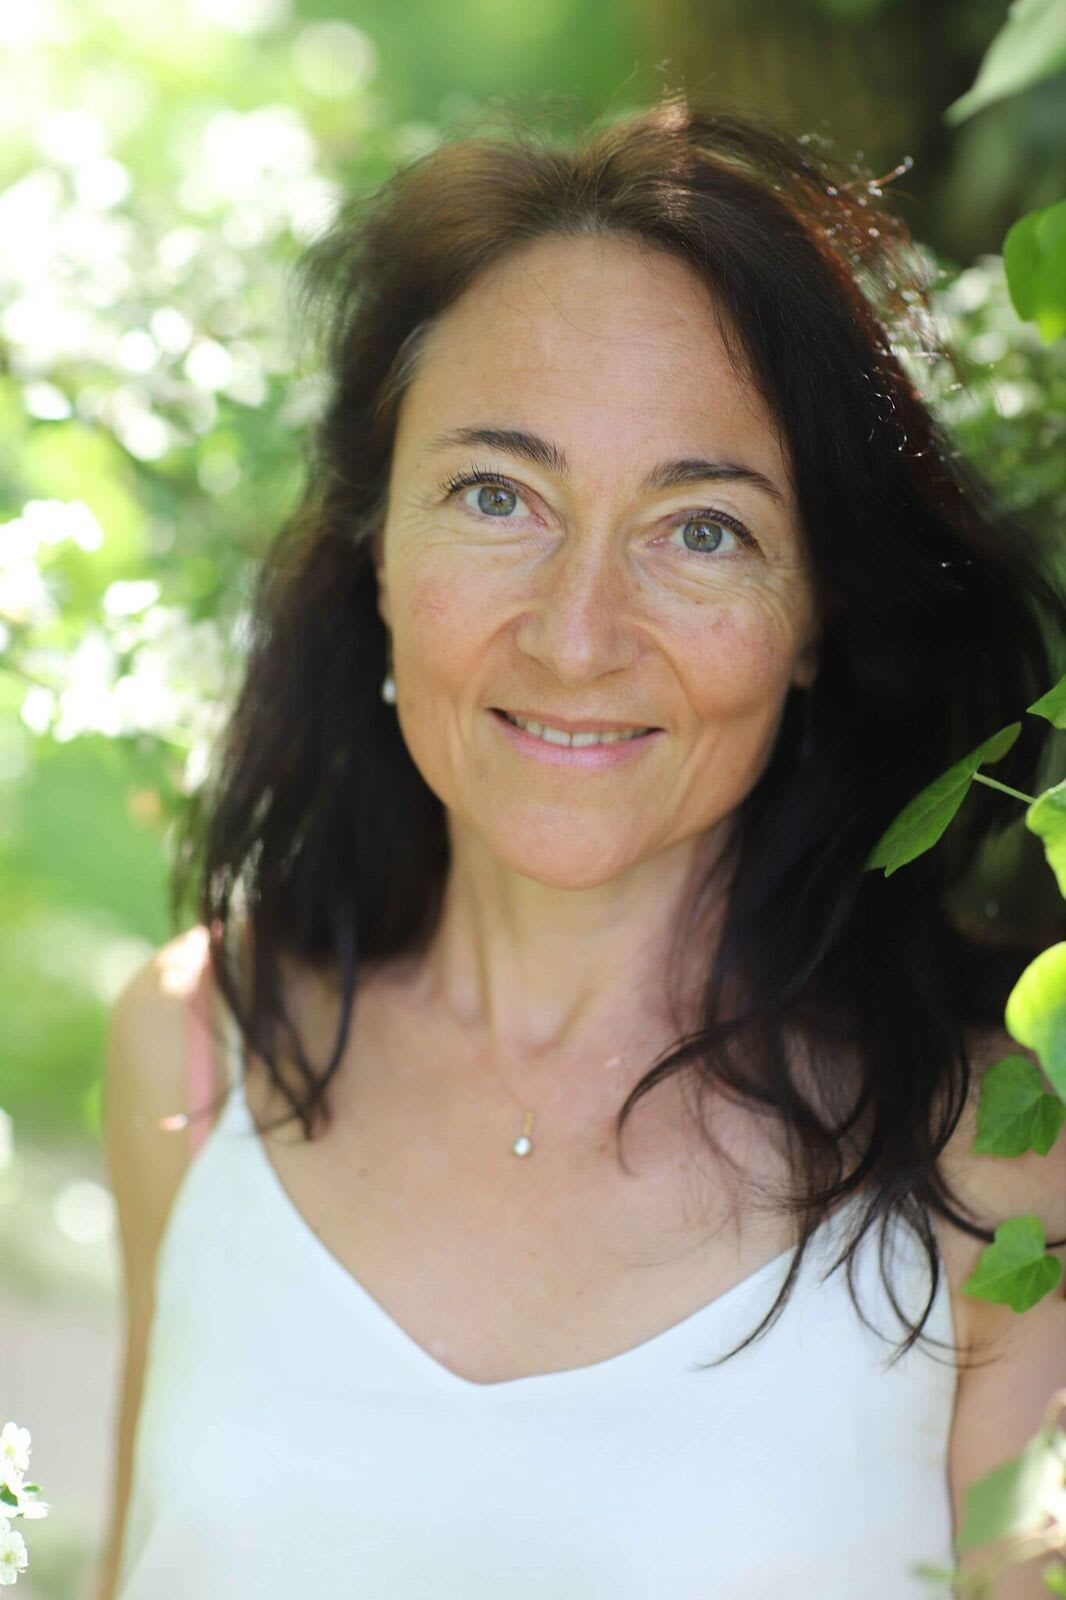 Joelle Leblanc